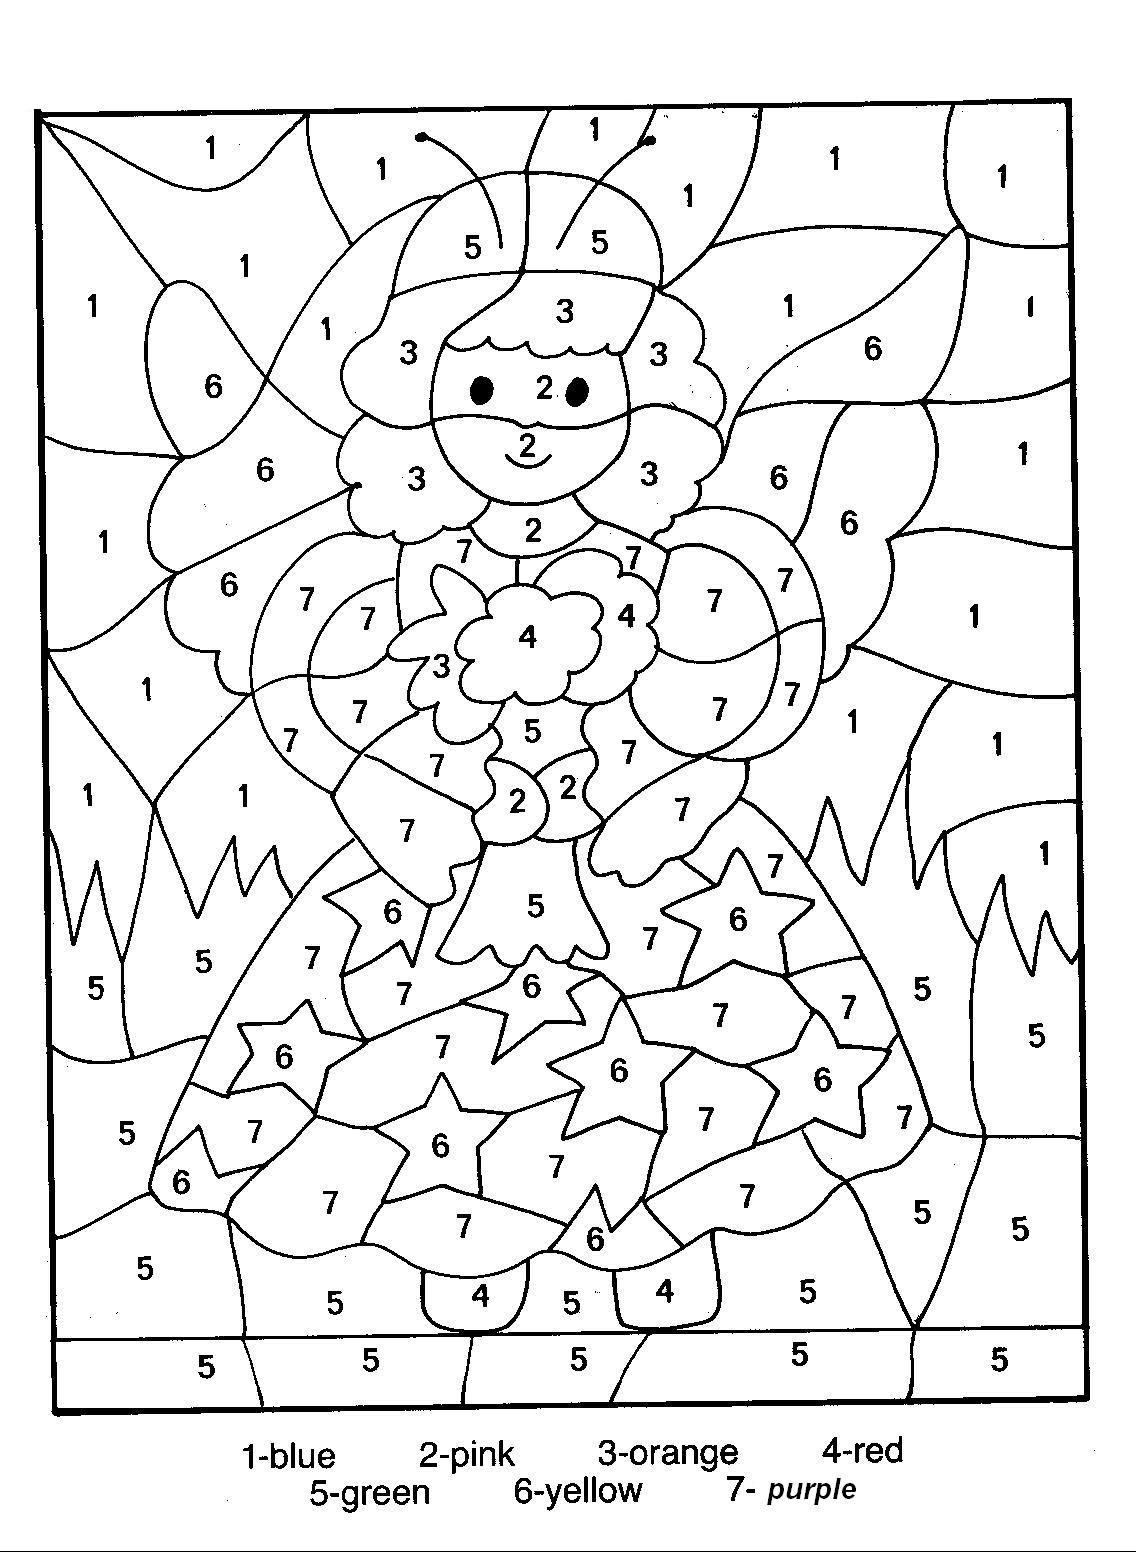 Pin By Christine Birkenbeul On Zahlen Fairy Coloring Pages Christmas Coloring Pages Coloring Books